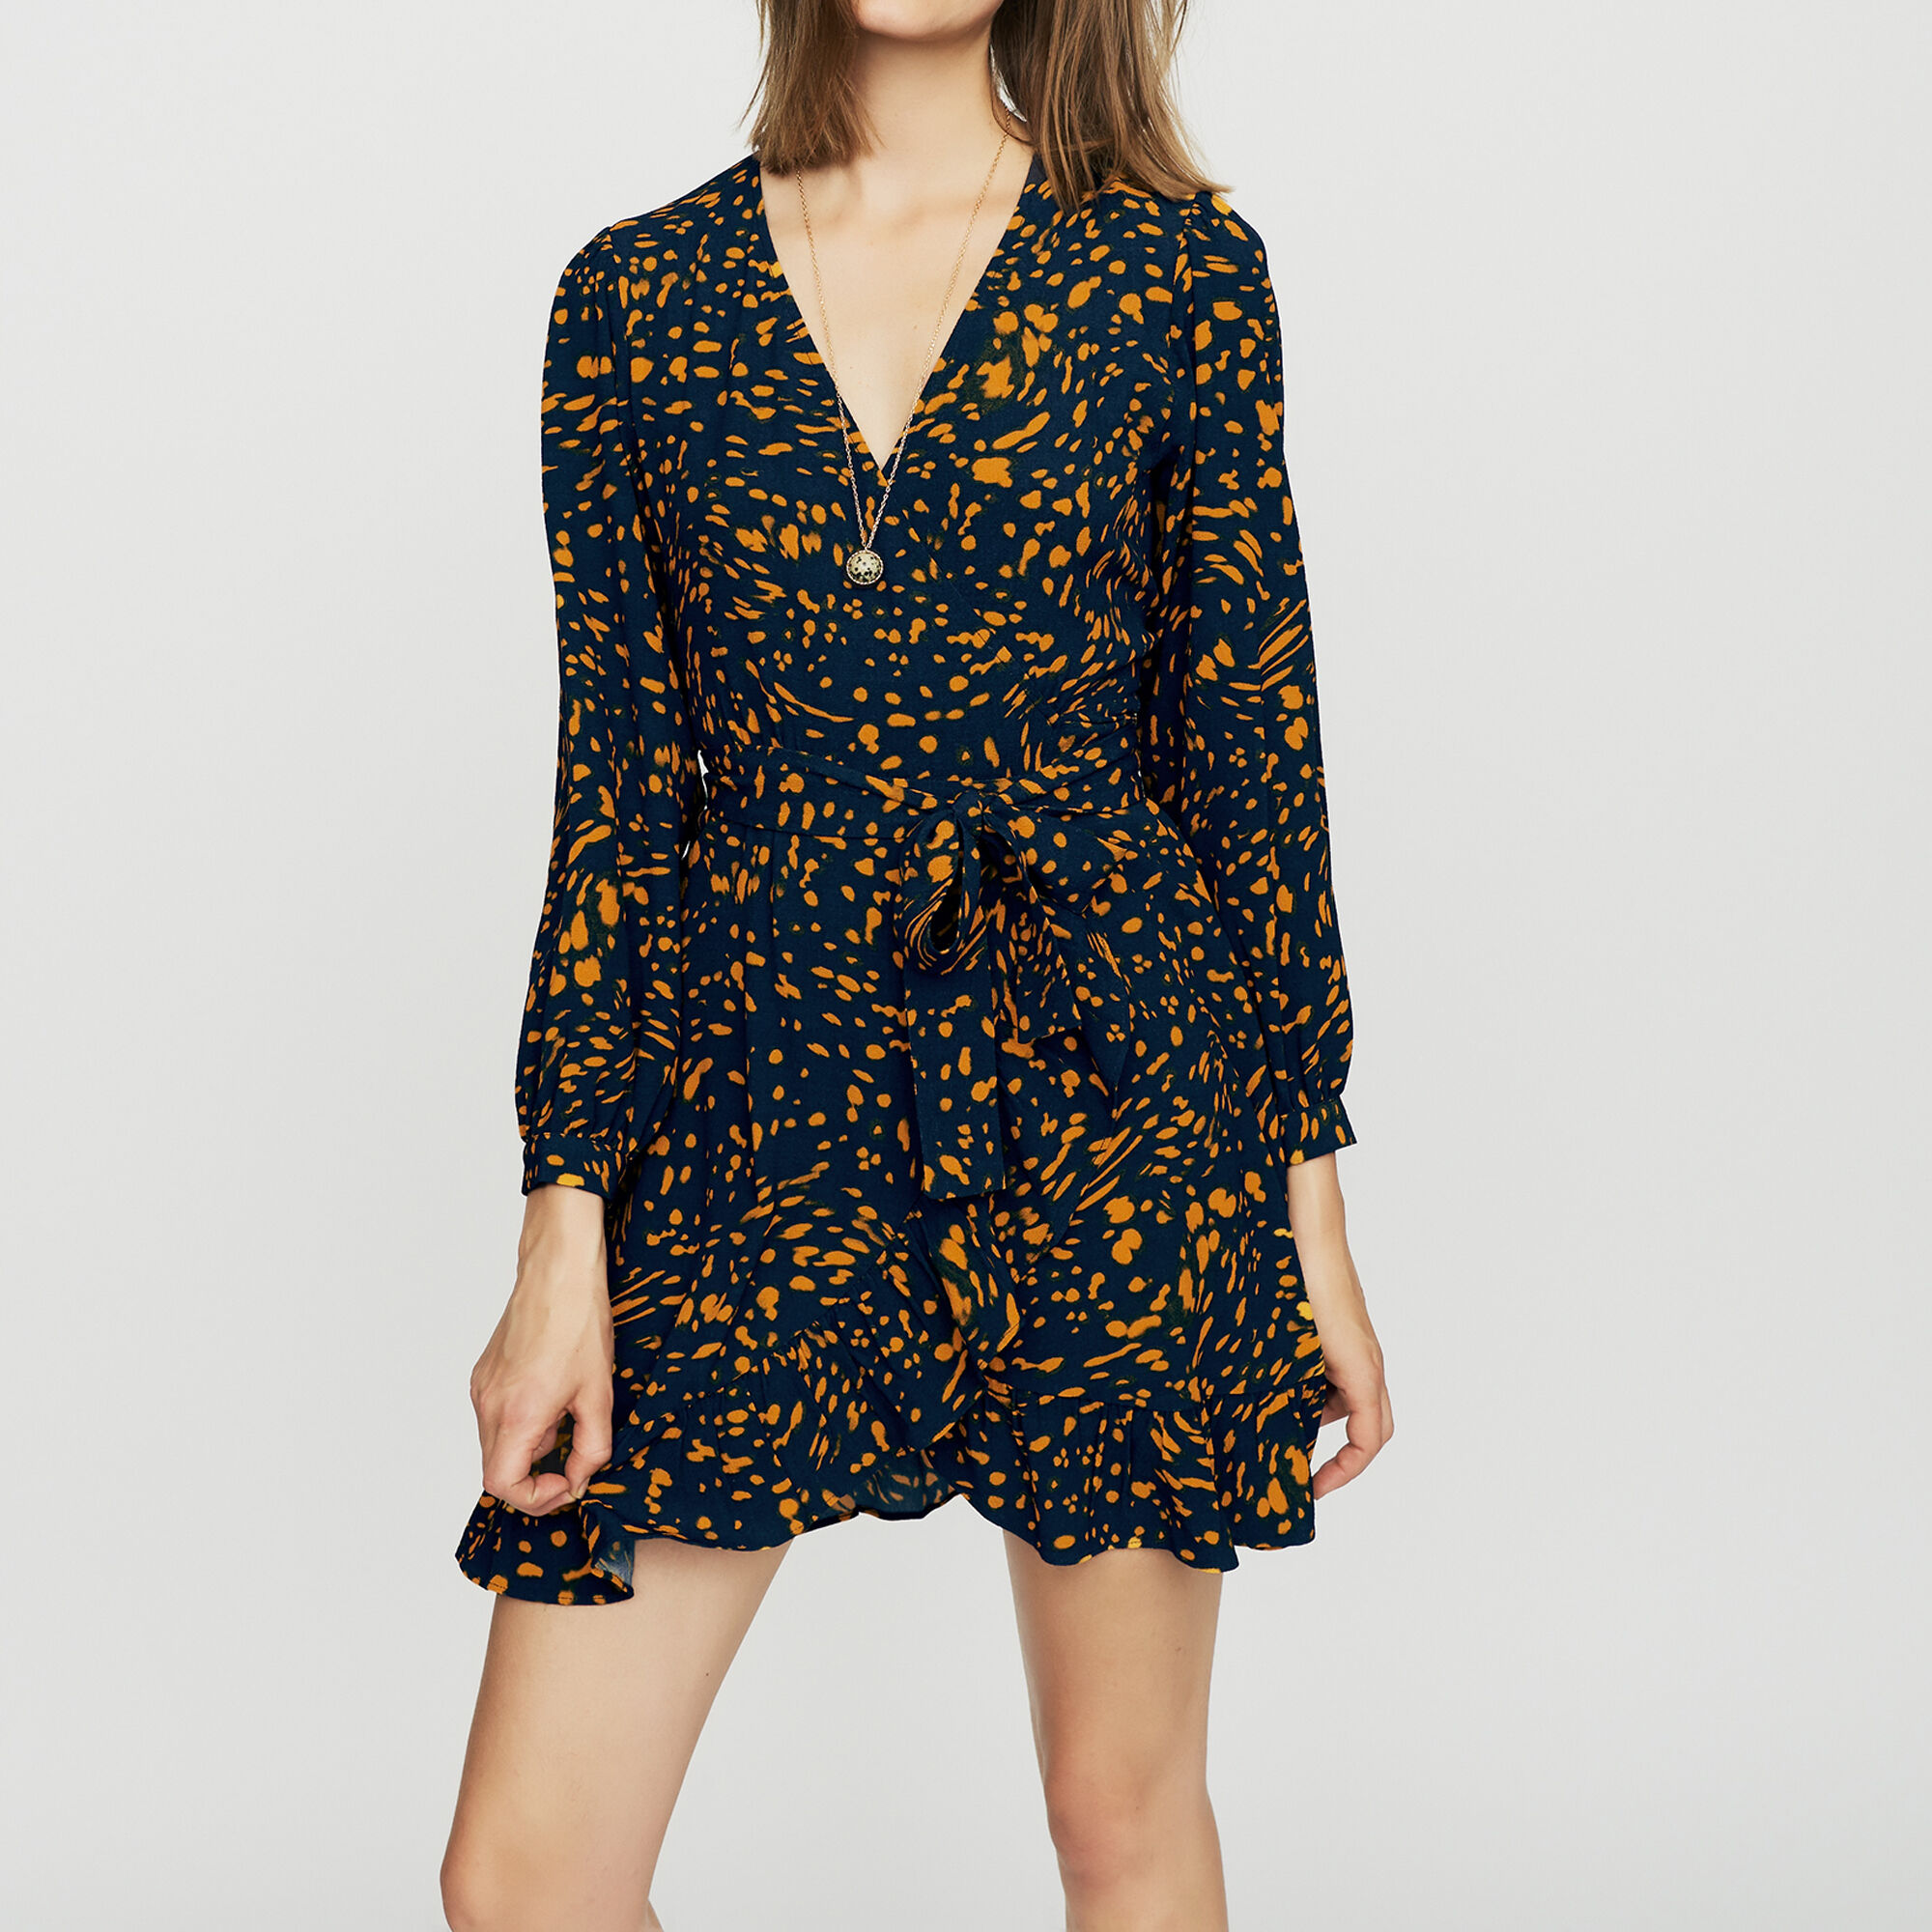 Leopard Dresses Rosetta Dresses Dress Wrap Rosetta Rosetta Leopard Dress Leopard Rosetta Wrap Wrap Dress Dresses fxwABq8Rw